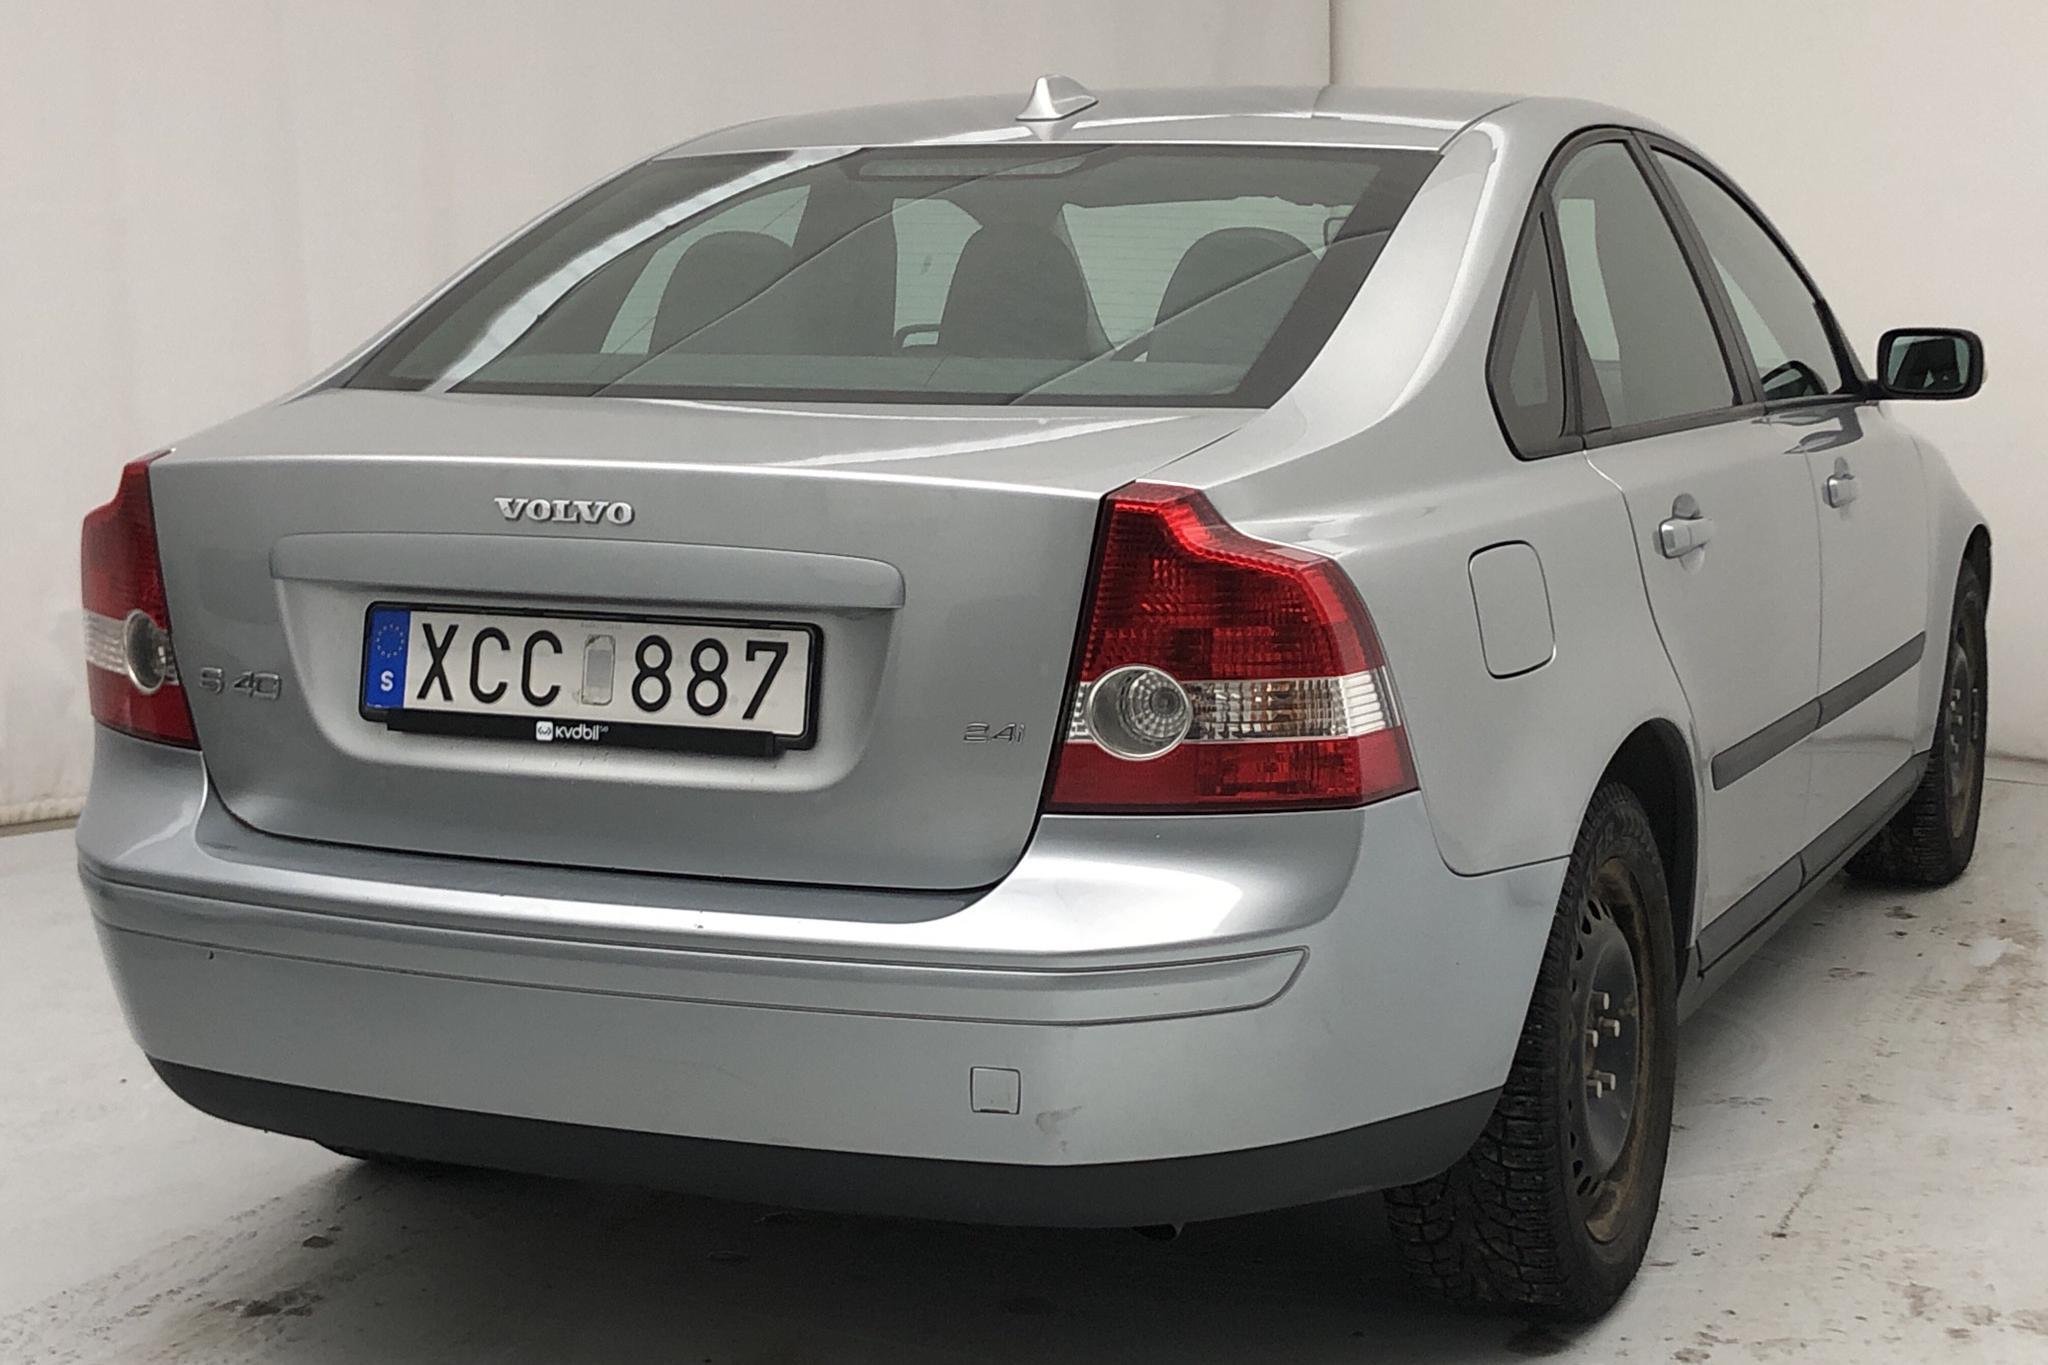 Volvo S40 2.4i (170hk) - 105 460 km - Manual - silver - 2006